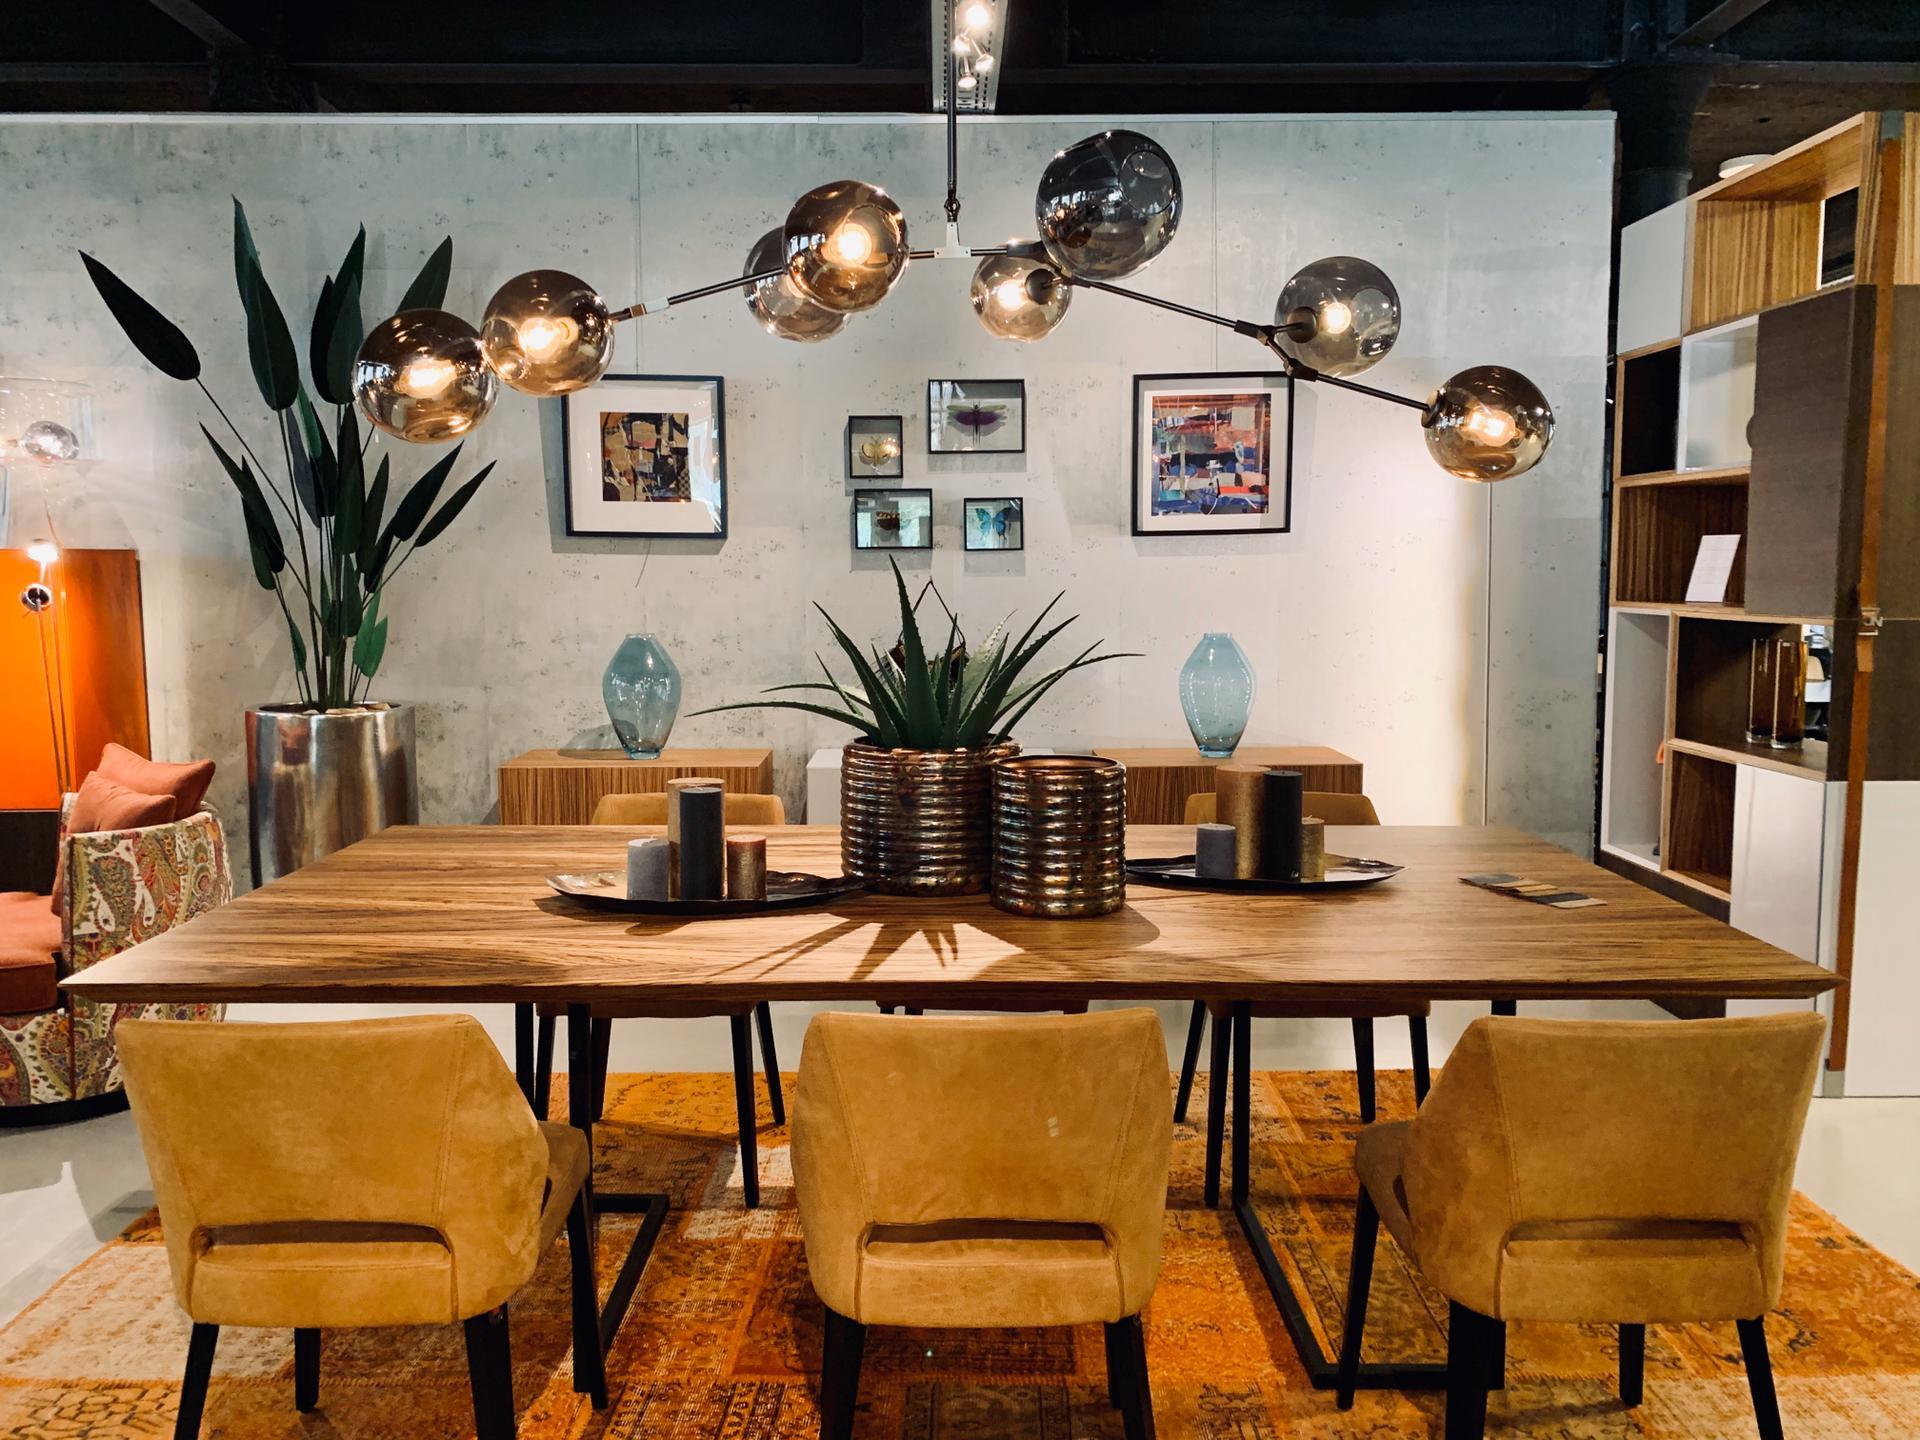 lampes modernes jaunes, showroom décoration, JN interiors, jour et nuit liège verviers